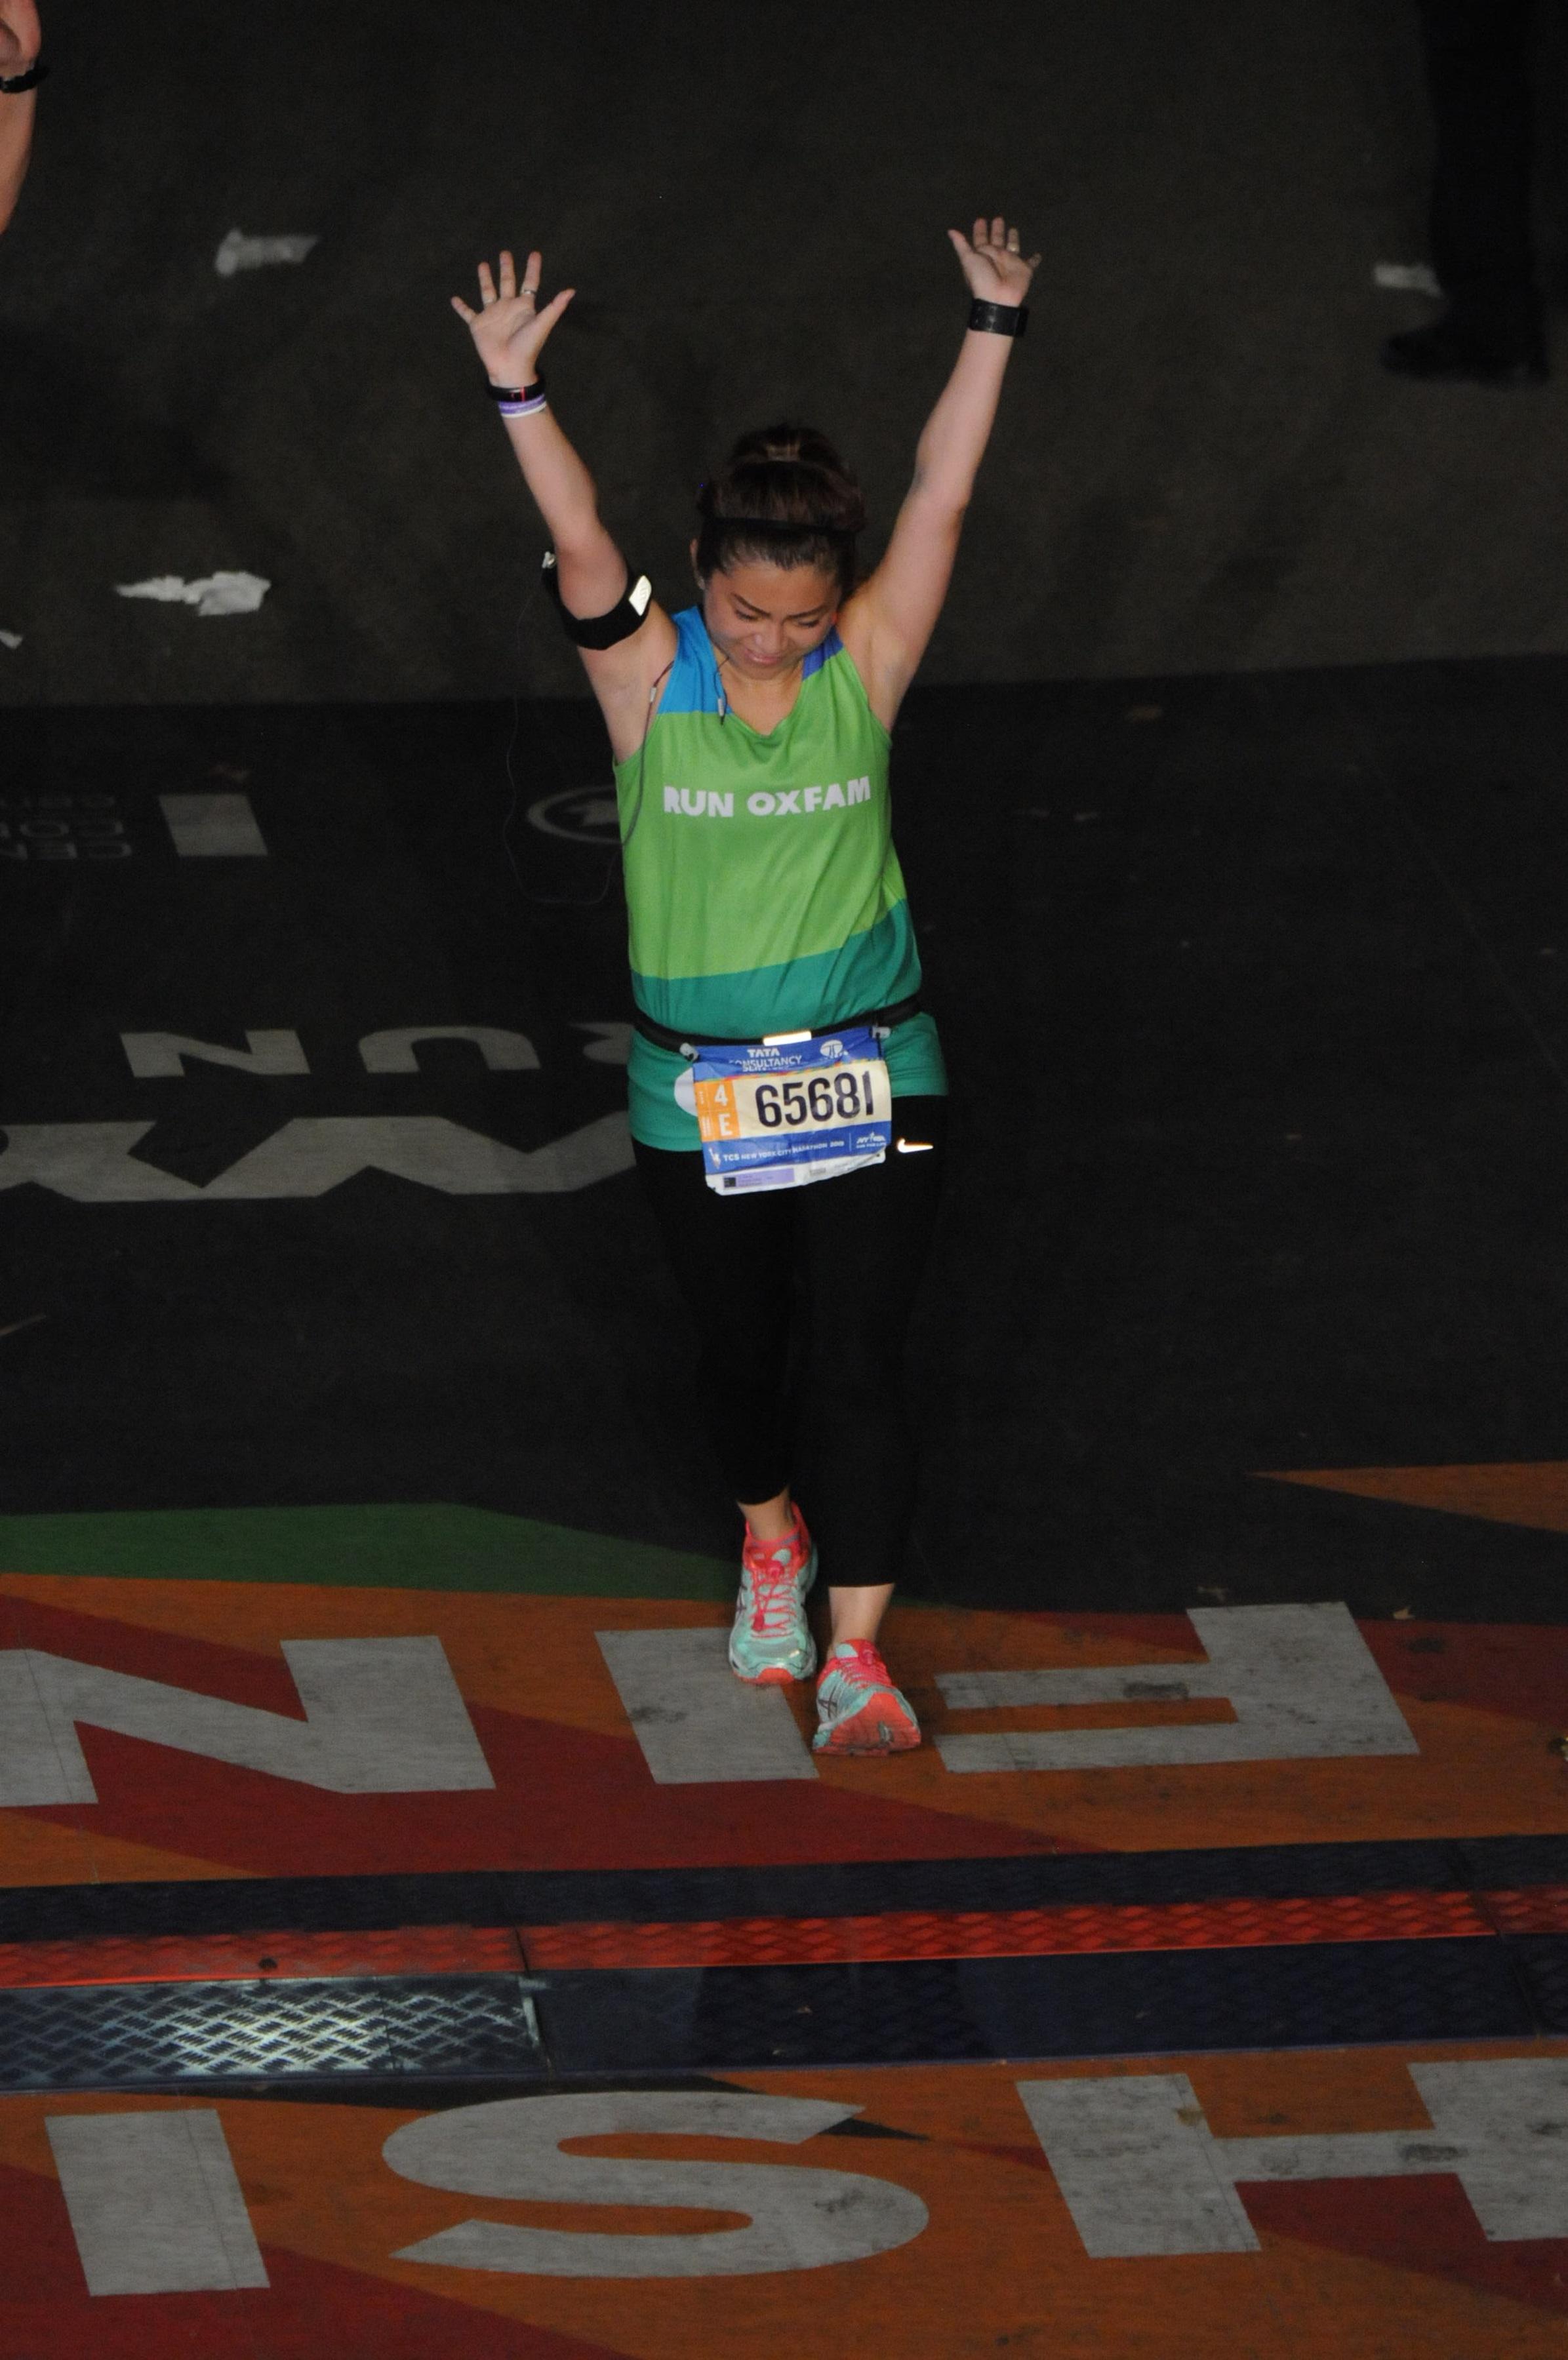 risa xu 2015 nyc marathon finish